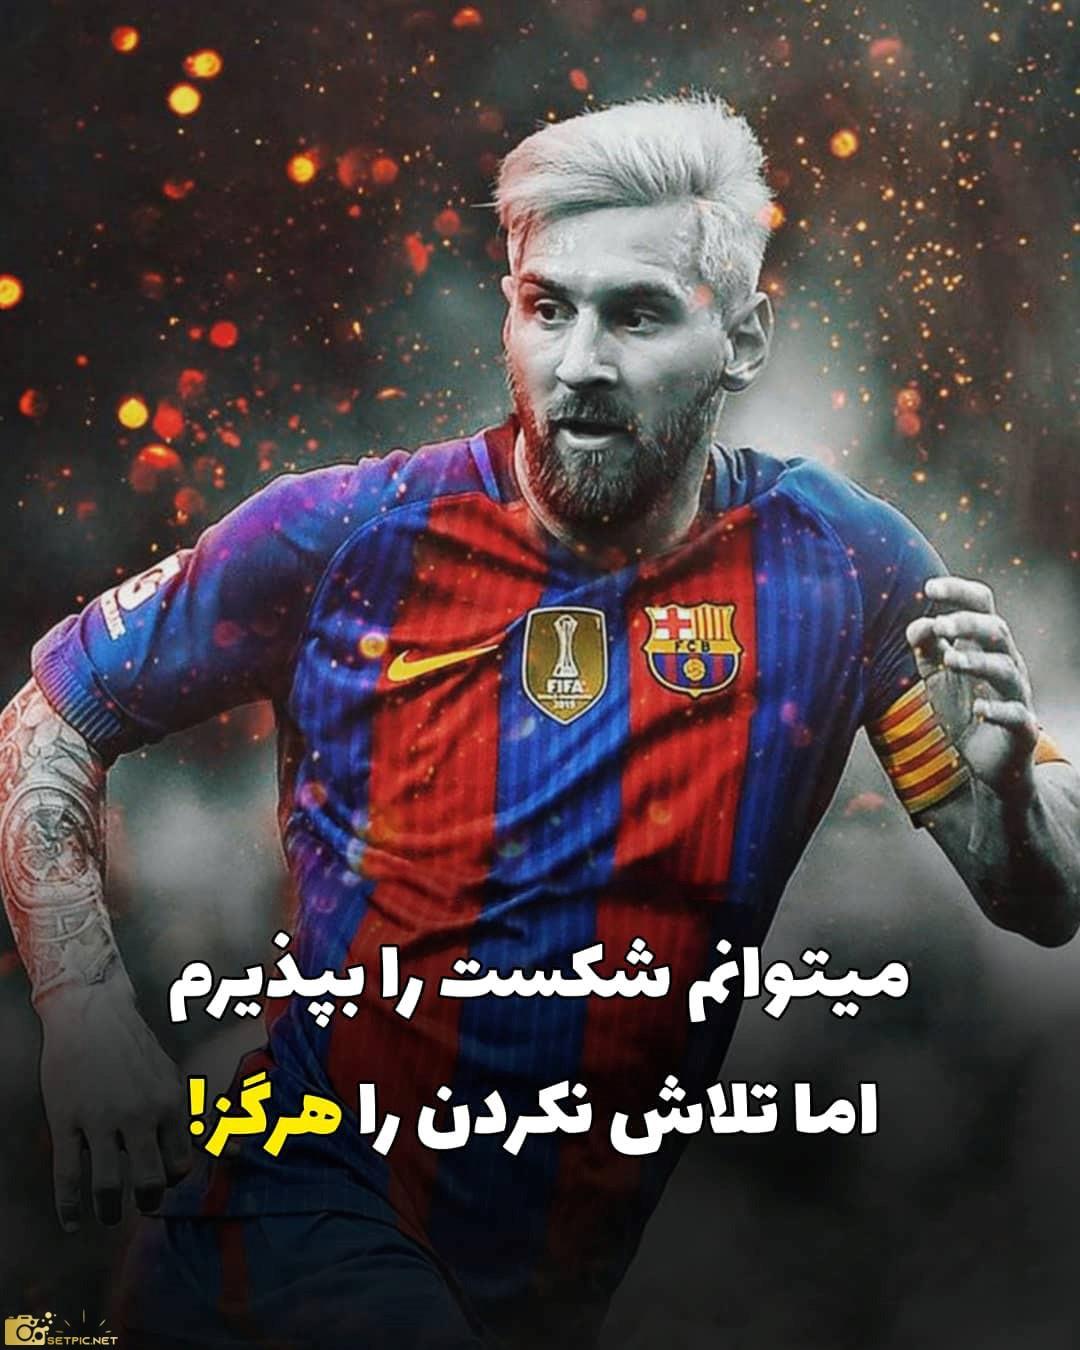 عکس نوشته انگیزشی فوتبالی با تصویر مسی